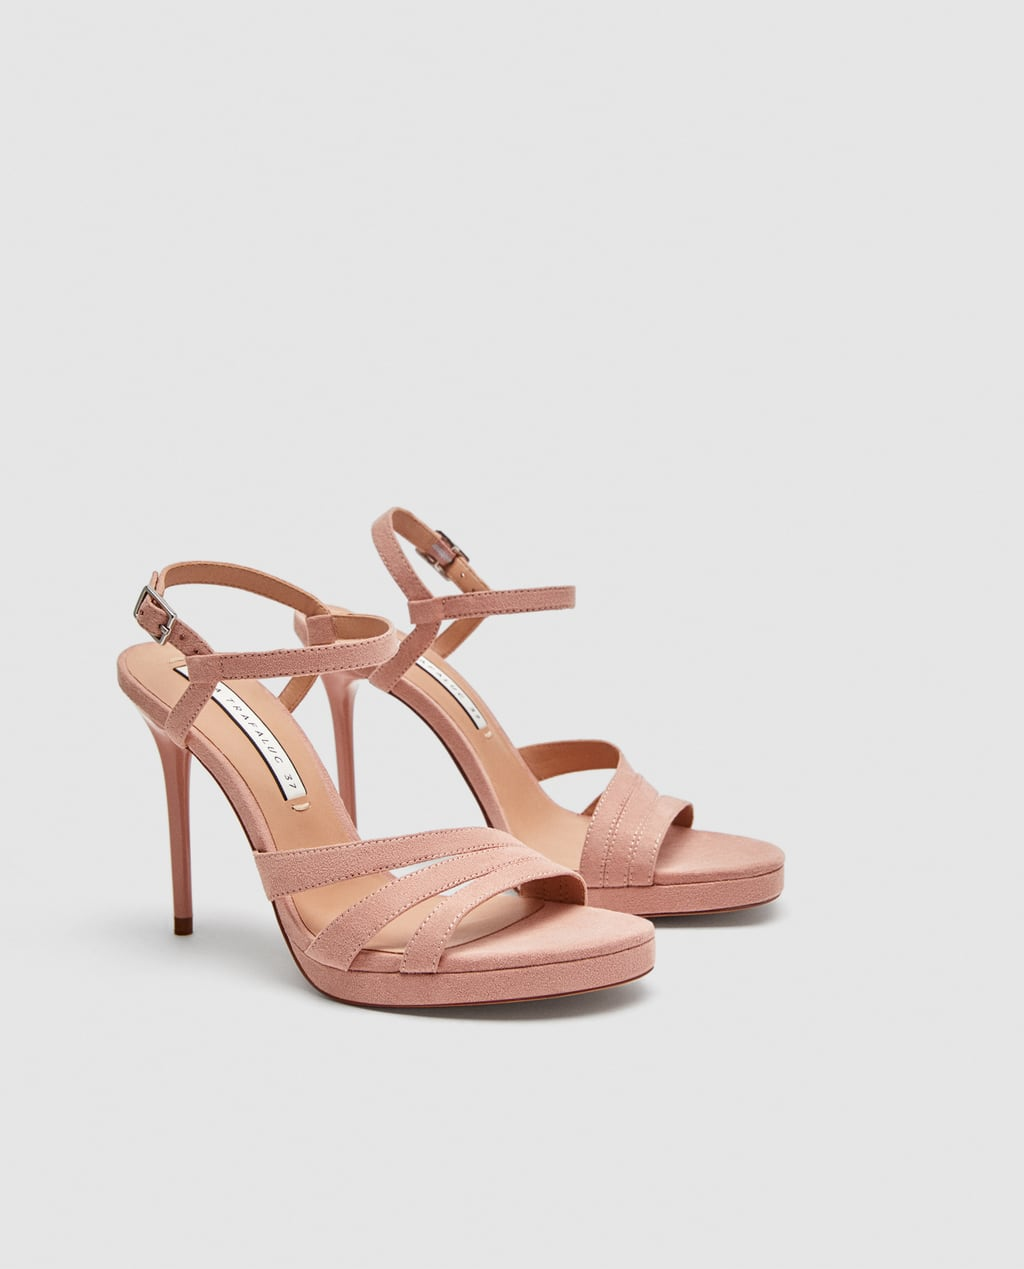 Sandalias nude de Zara rebajas verano